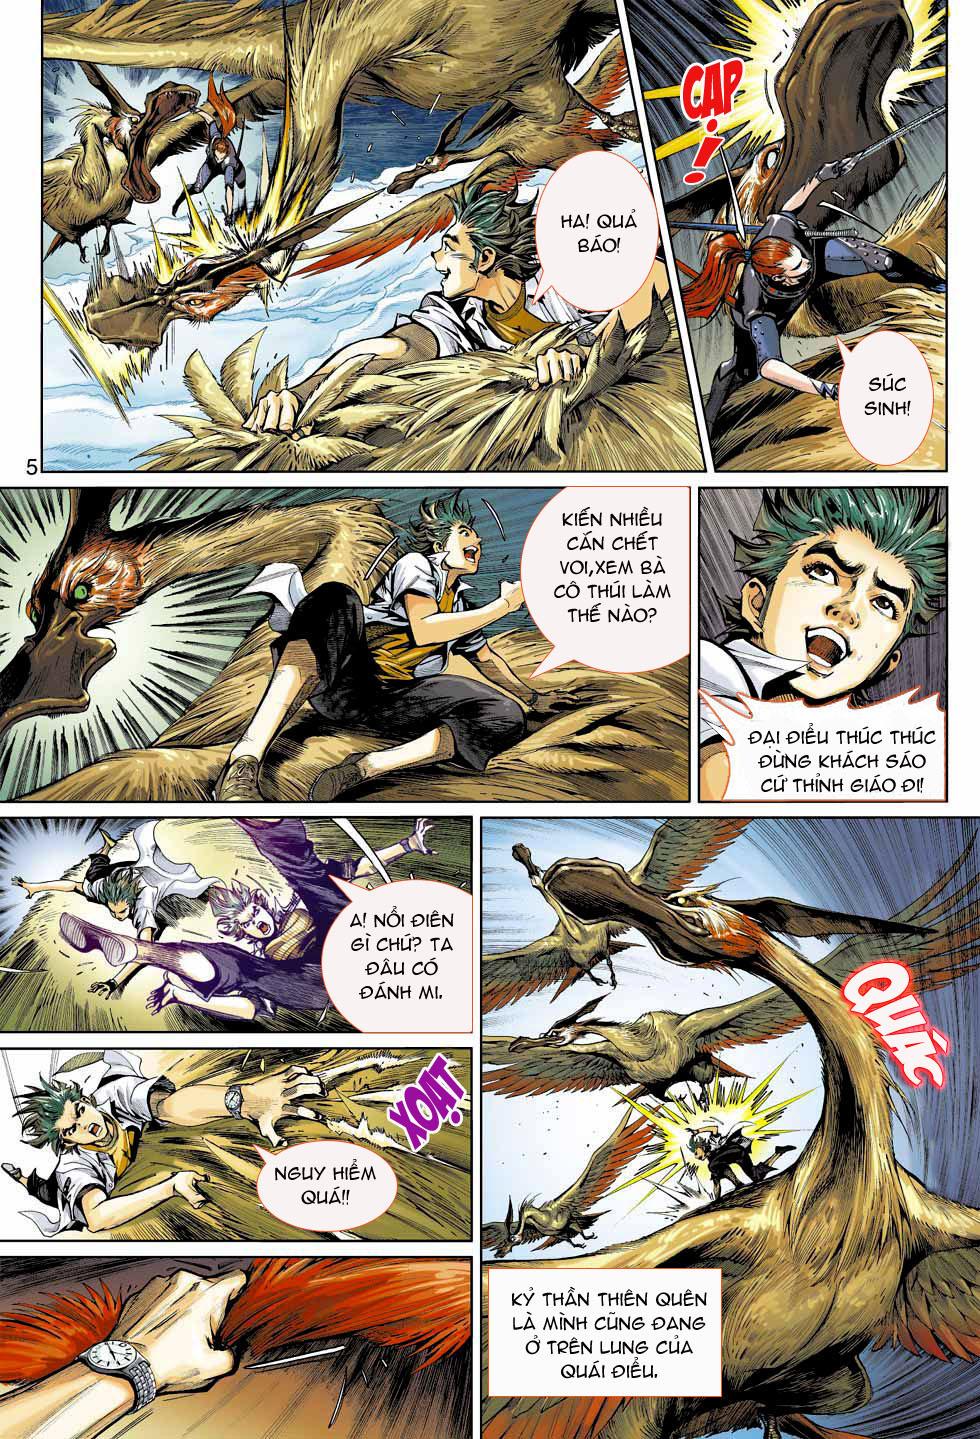 Thần Binh 4 chap 4 - Trang 5